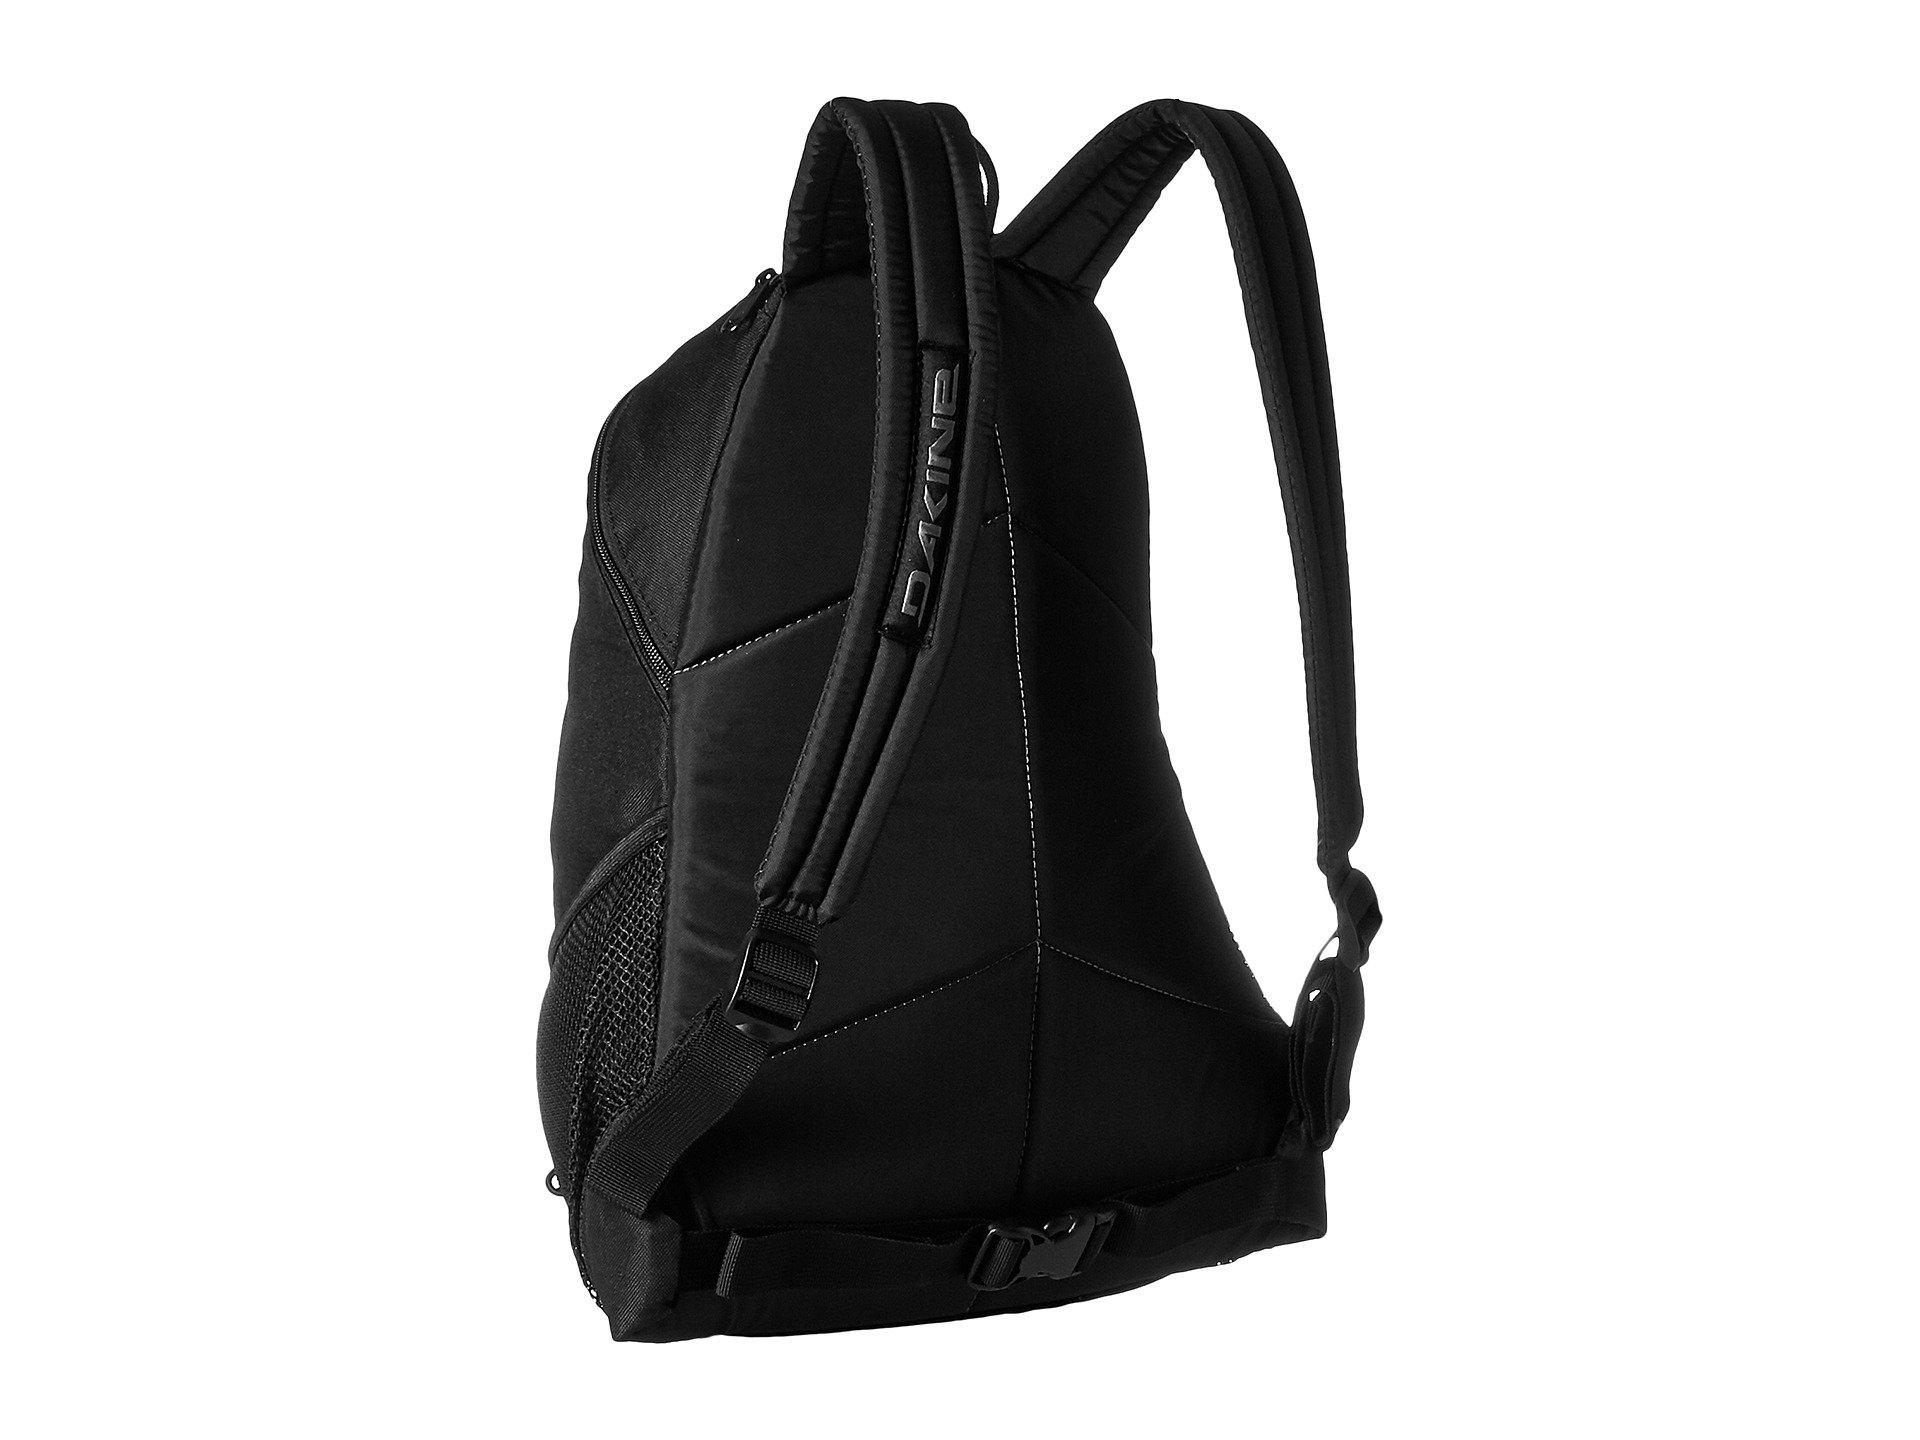 Dakine Wonder Backpack 15L at Zappos.com